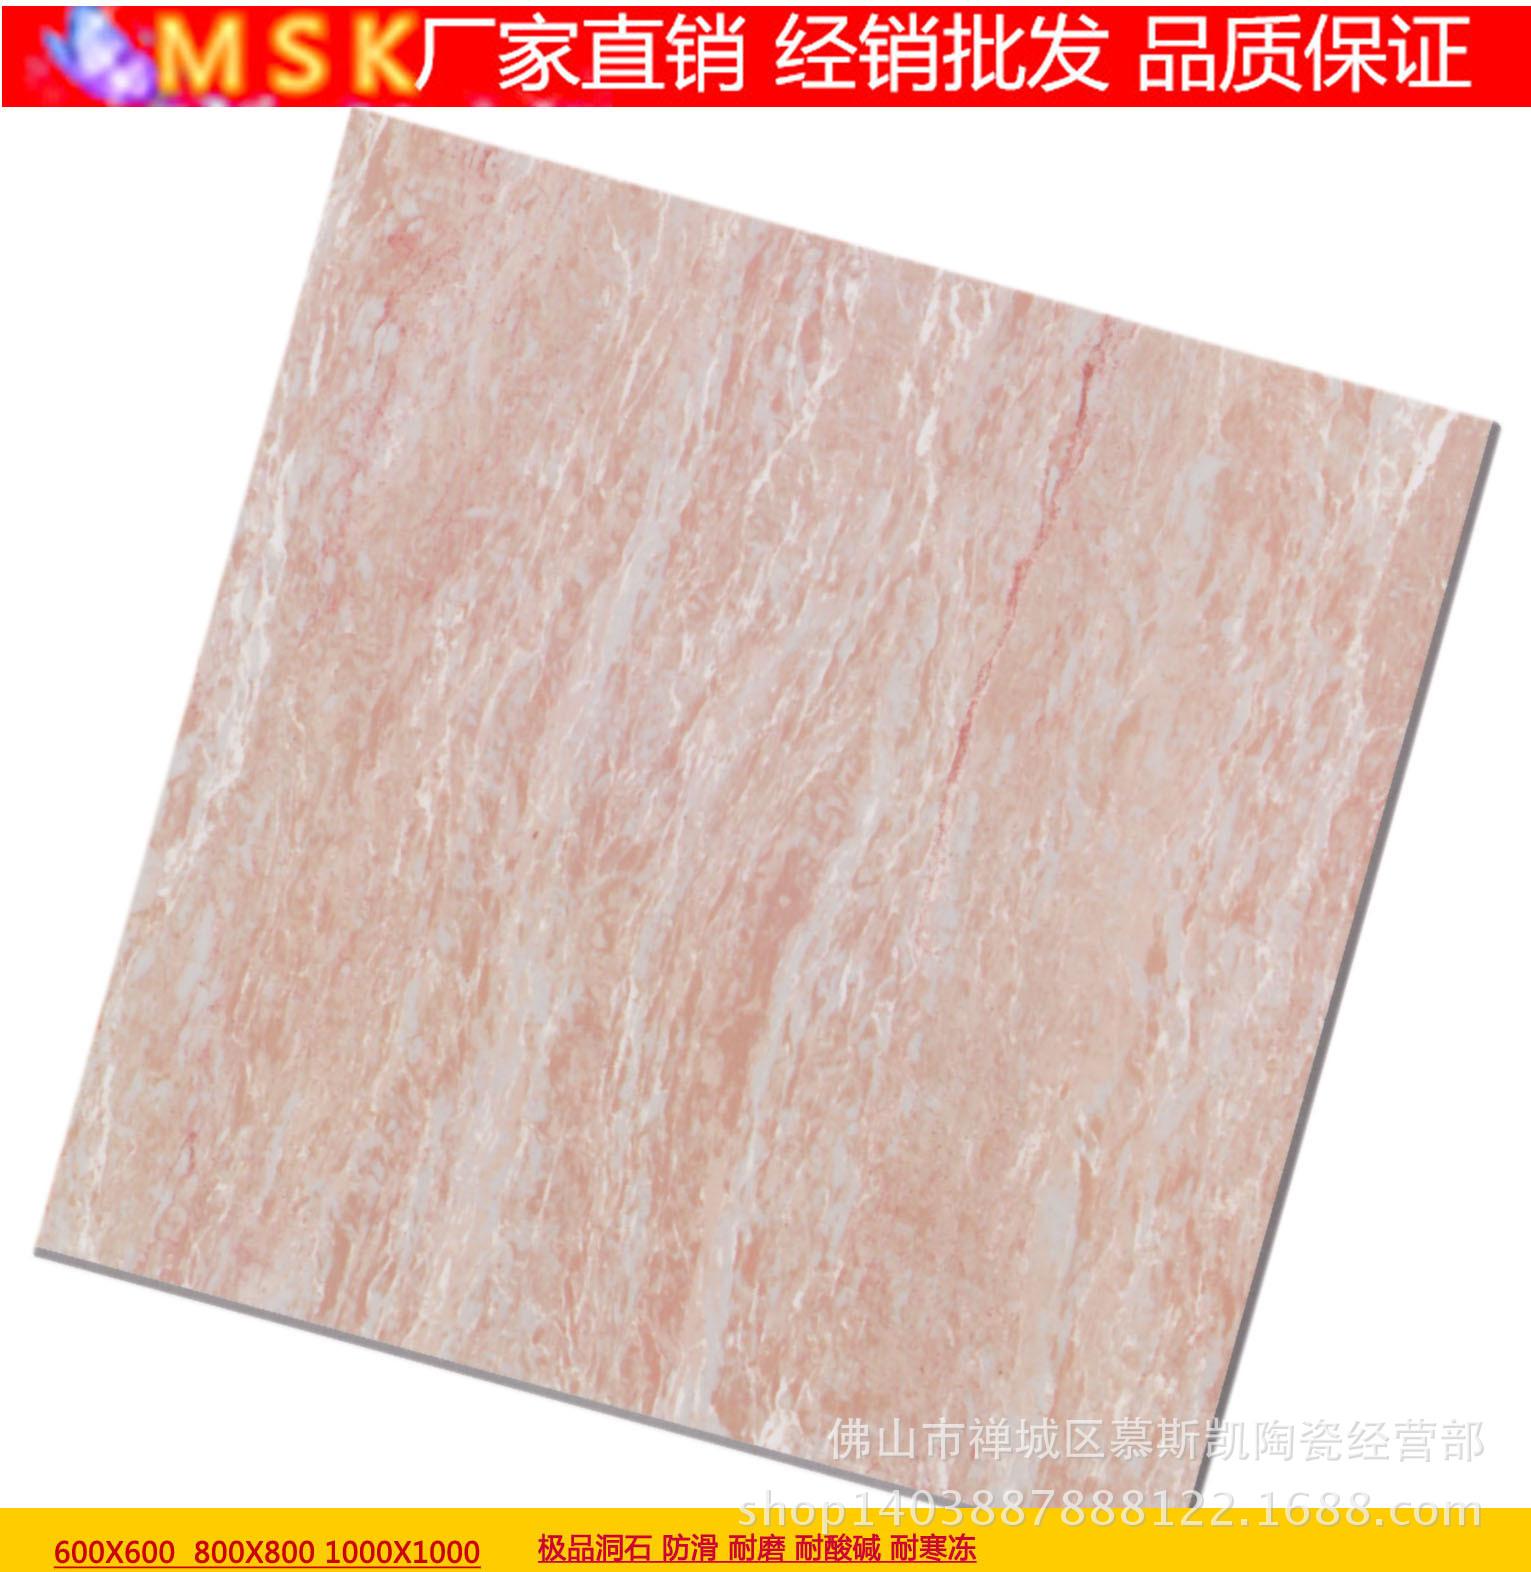 广东佛山瓷砖厂家批发 客厅地板砖800 洞石抛光砖 600X1200